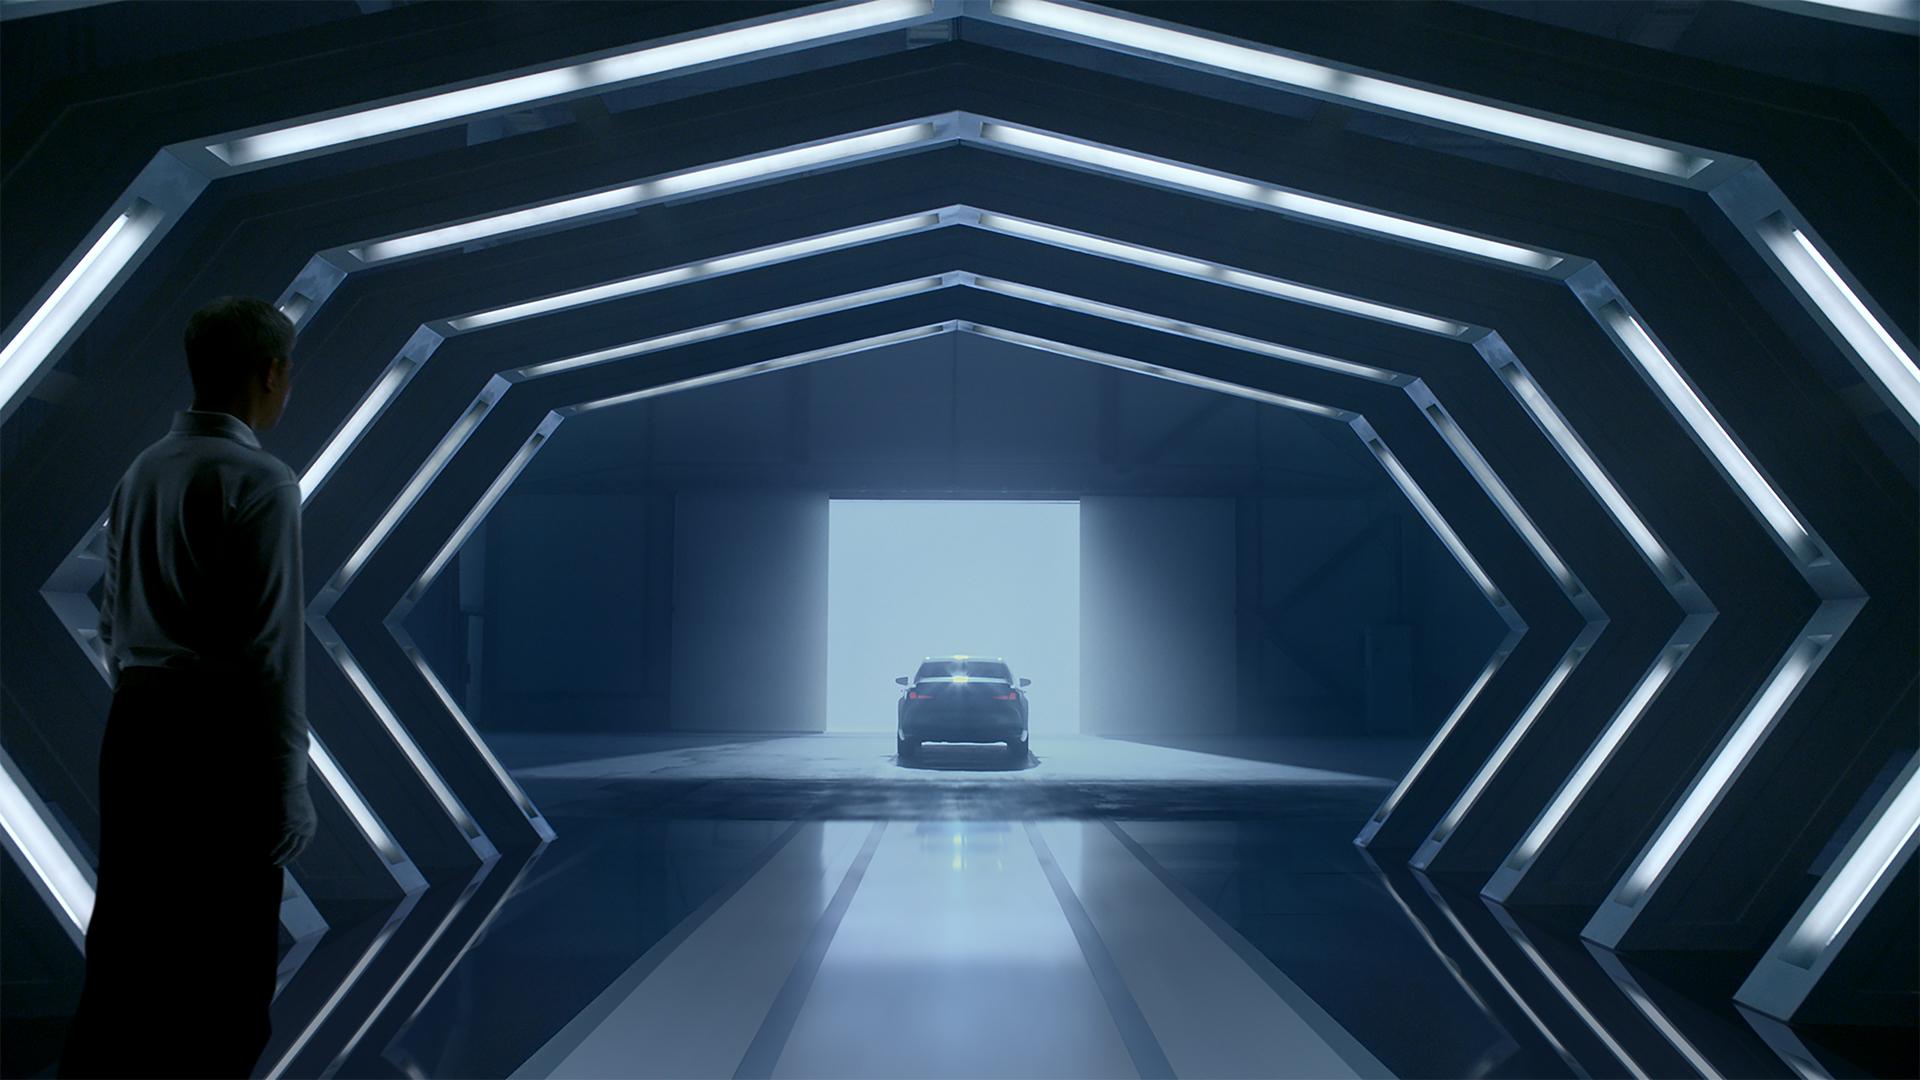 04 2019 021 Waarom Lexus meer dan een autofabrikant is 1920x1080 galerij